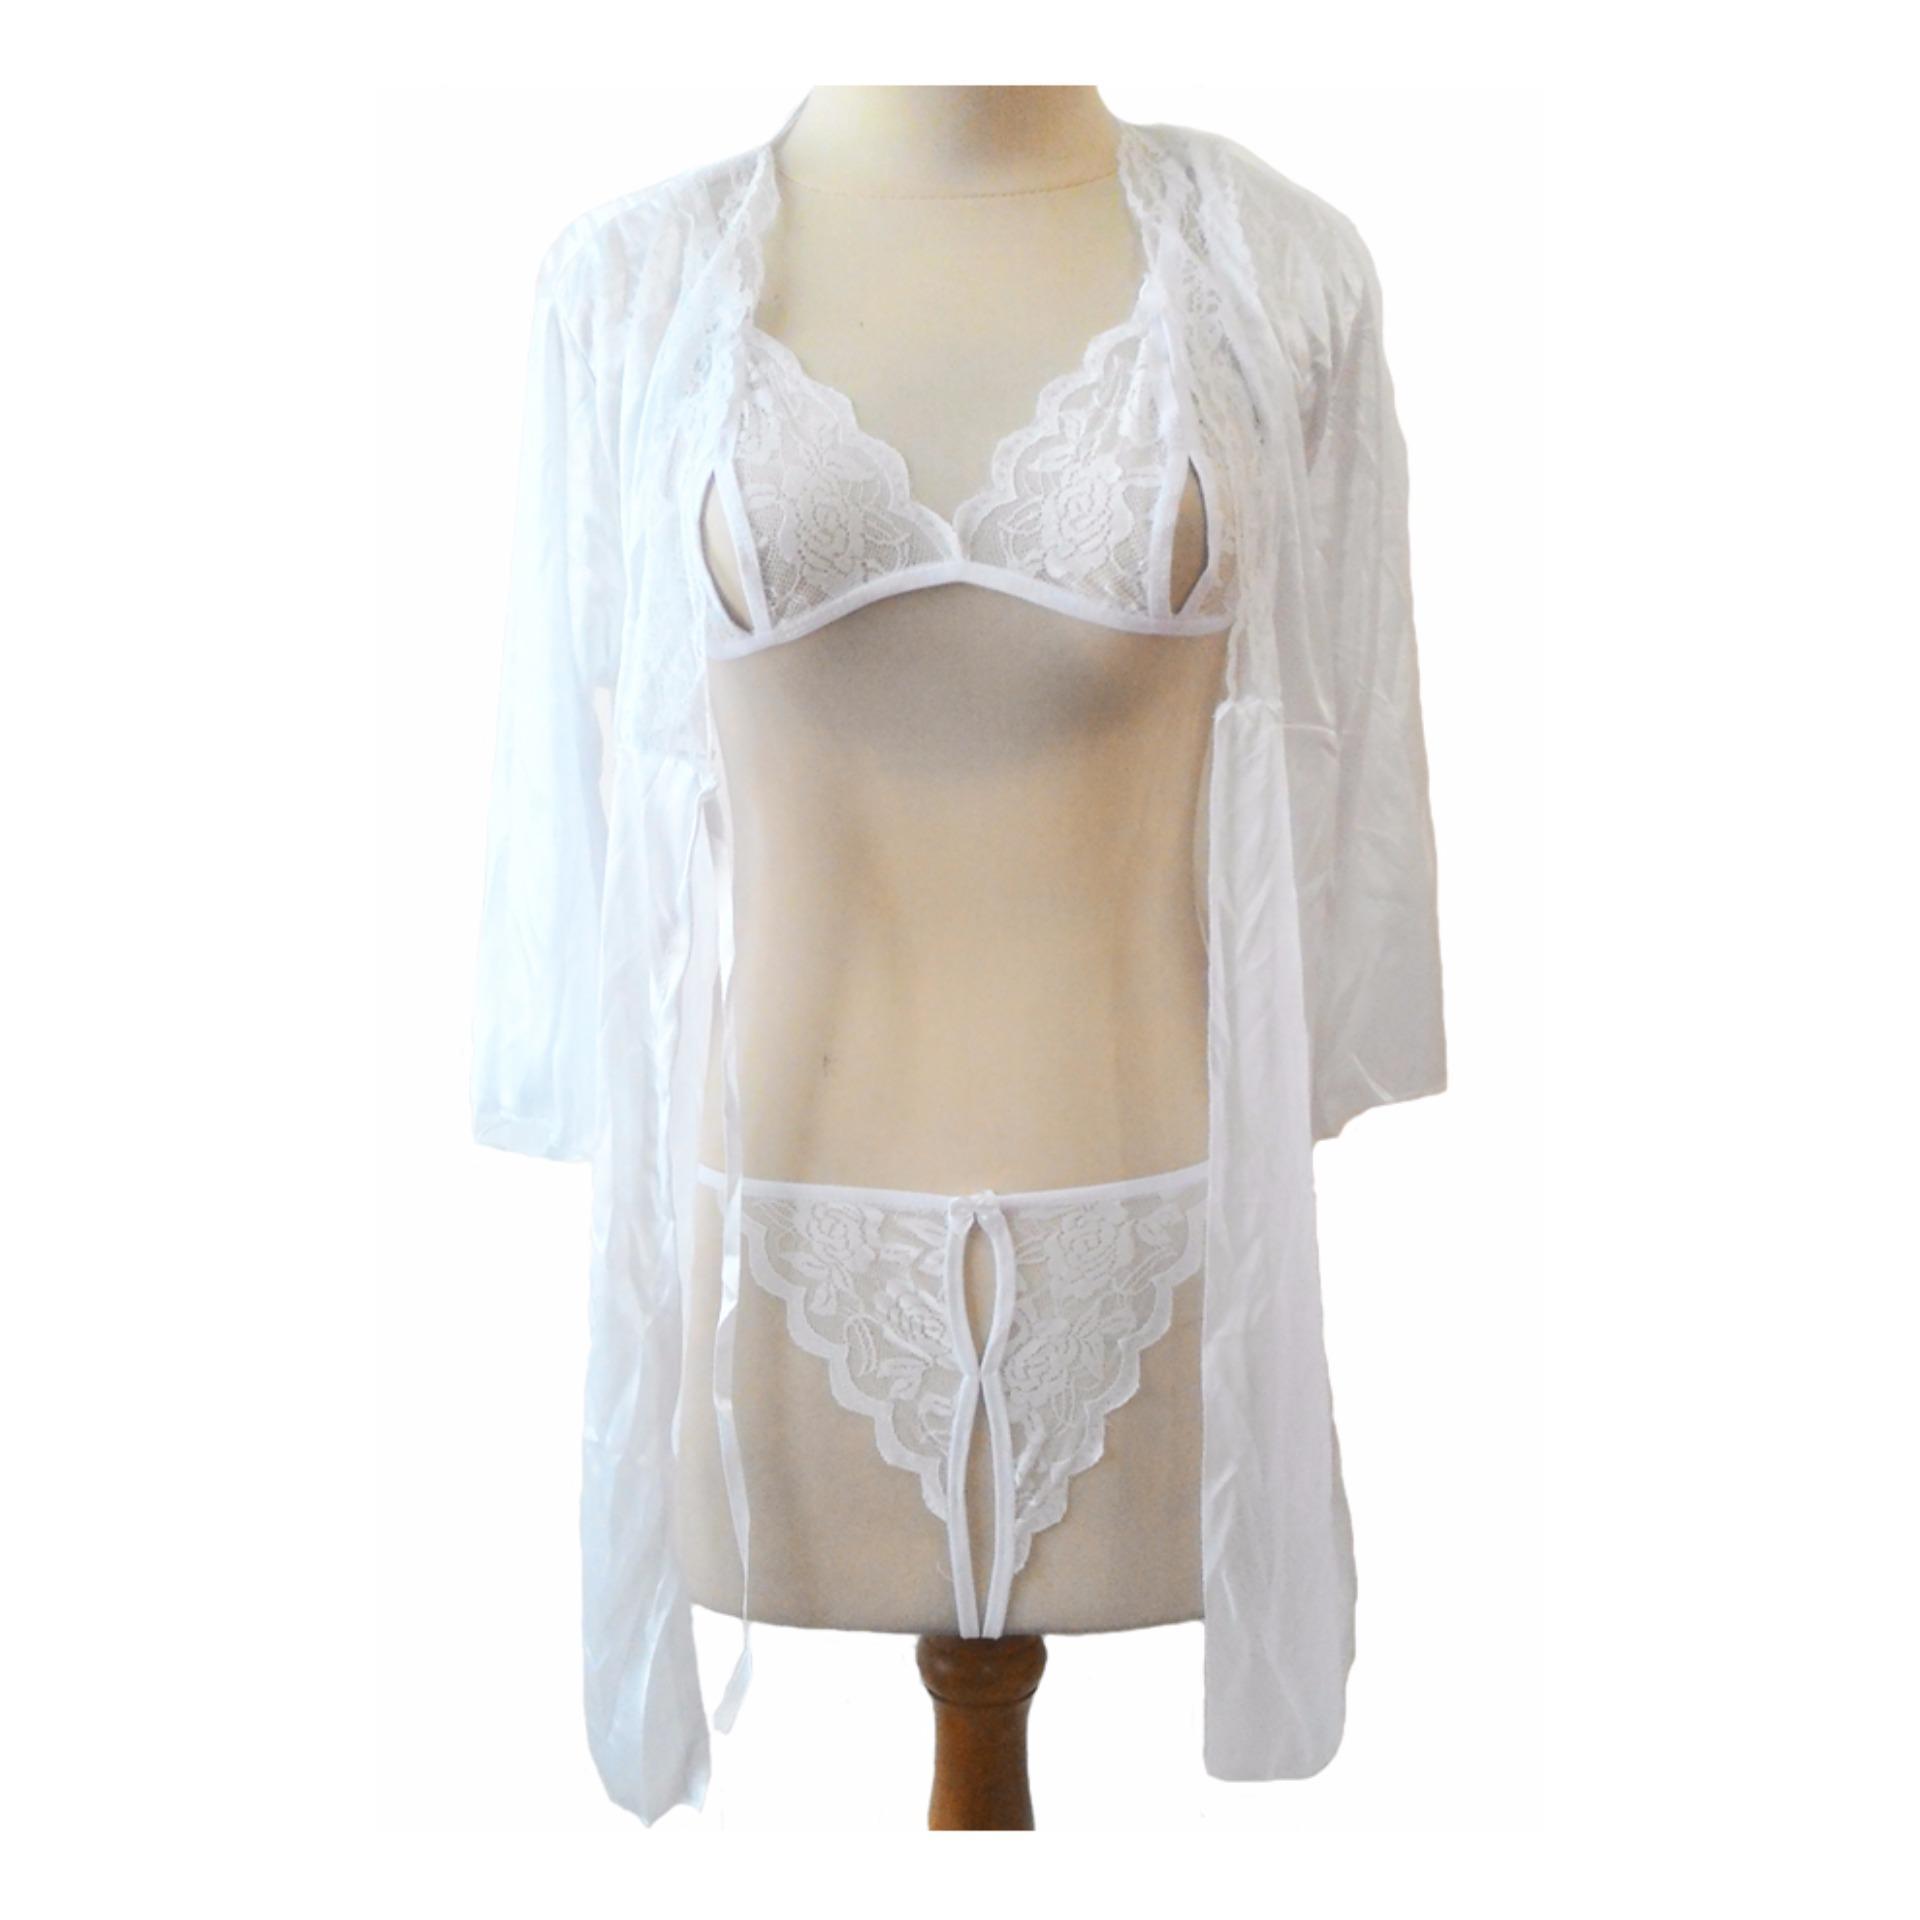 Review Tentang Jakarta Lingerie Jld056 Fullset 3In1 Kimono White Open Crotch